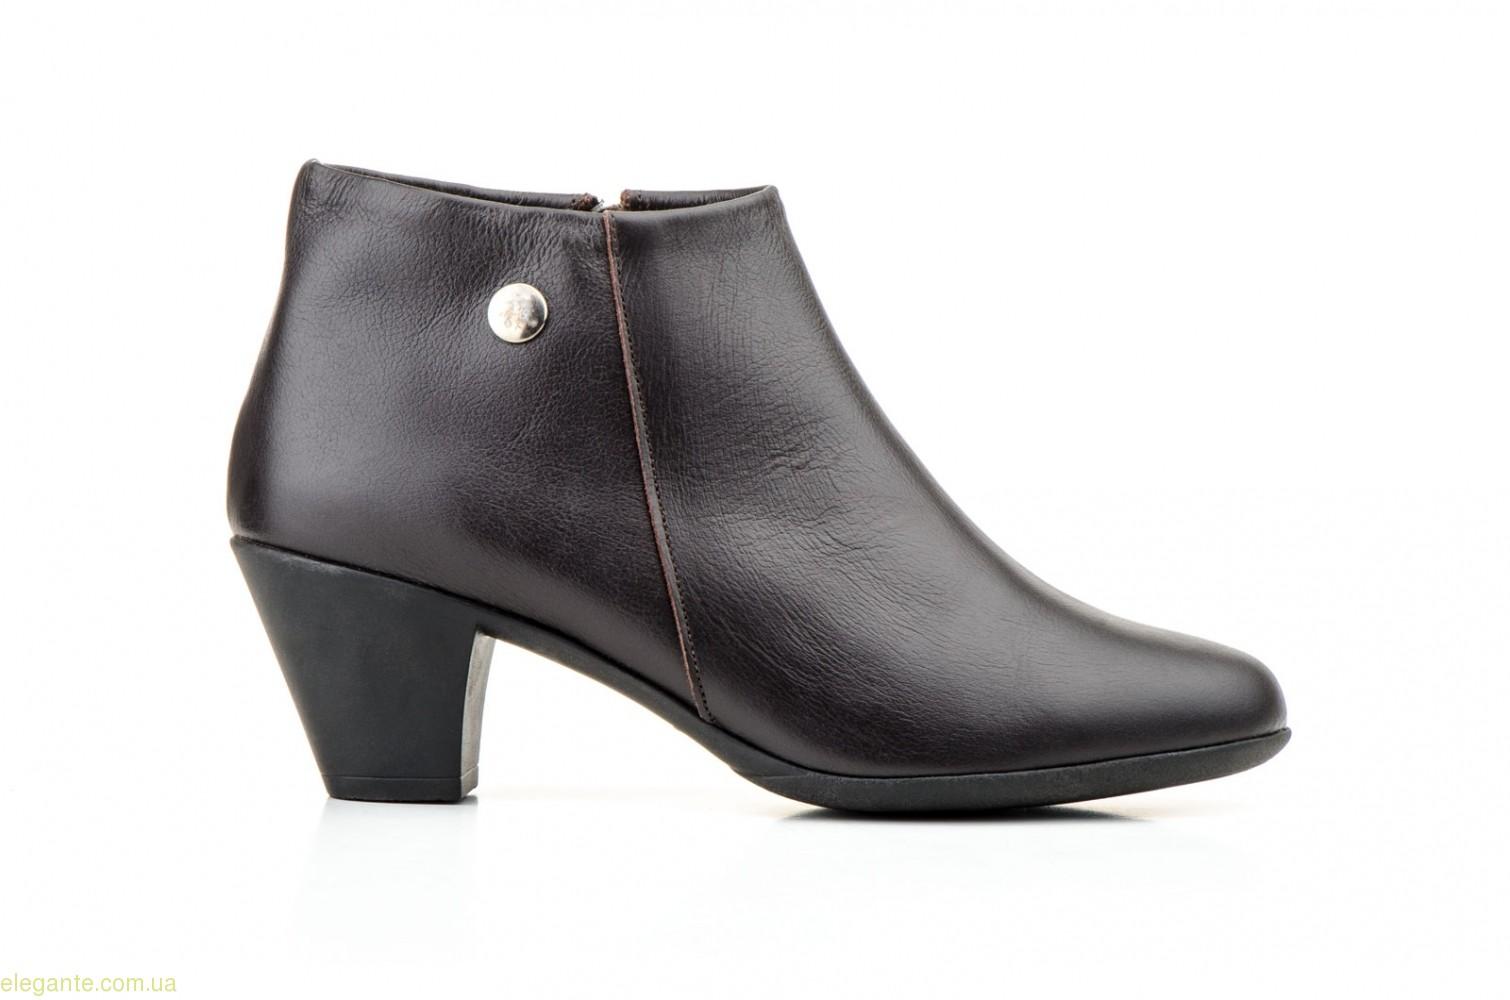 Жіночі черевички CUTILLAS1 коричневі 0